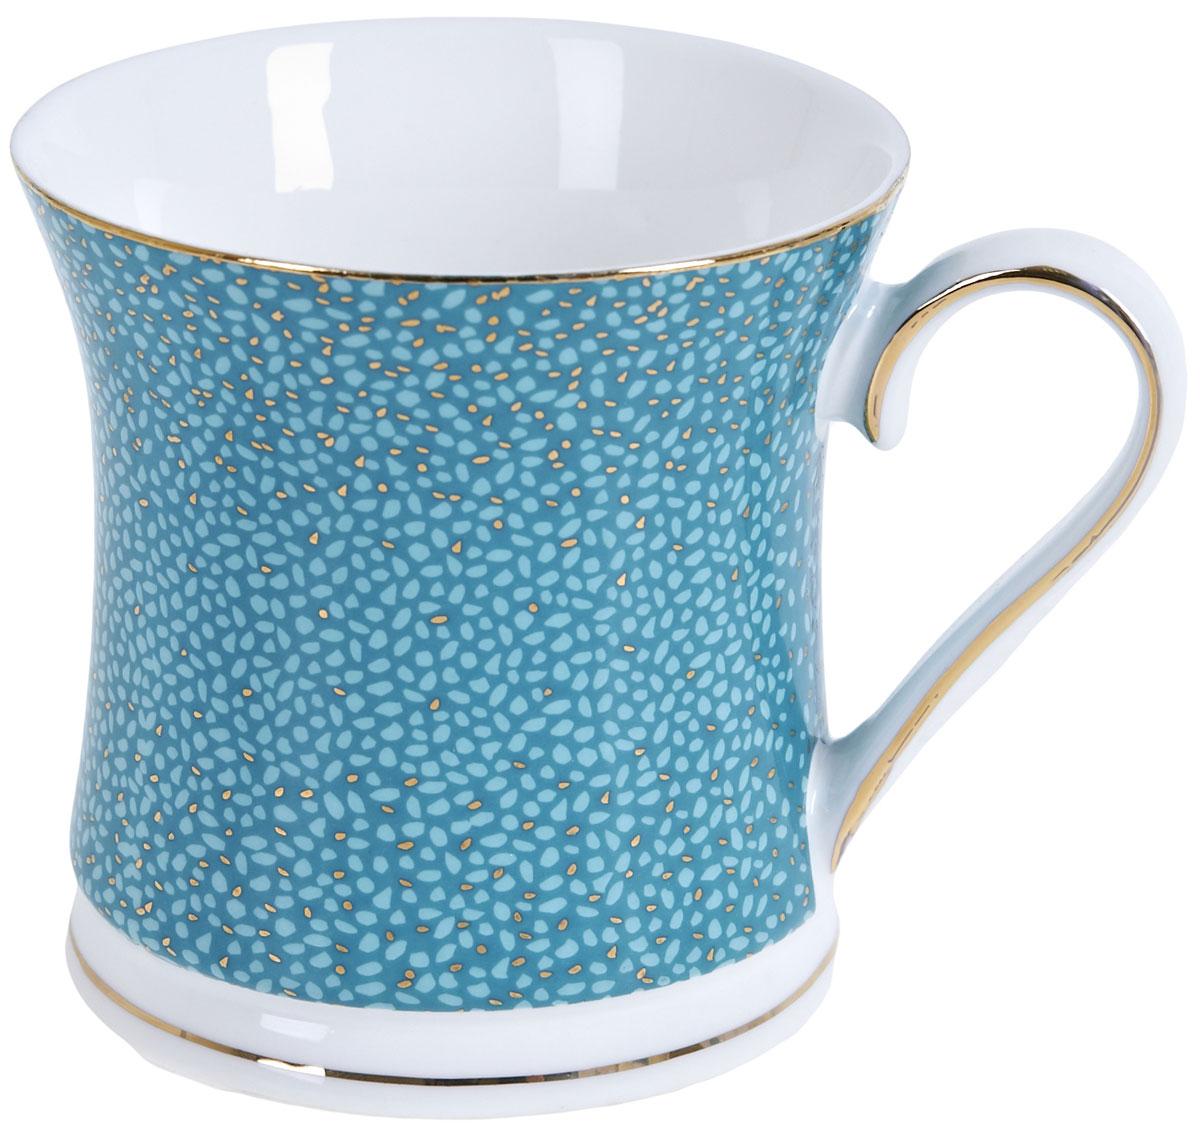 Кружка BHP Морская волна, 375 мл. 12101171210117Оригинальная кружка Best Home Porcelain, выполненная из высококачественного фарфора, сочетает в себе изысканный дизайн с максимальной функциональностью. Красочность оформления кружки придется по вкусу и ценителям классики, и тем, кто предпочитает утонченность и изысканность. В комплект входит кружка. Можно использовать в ПММ.